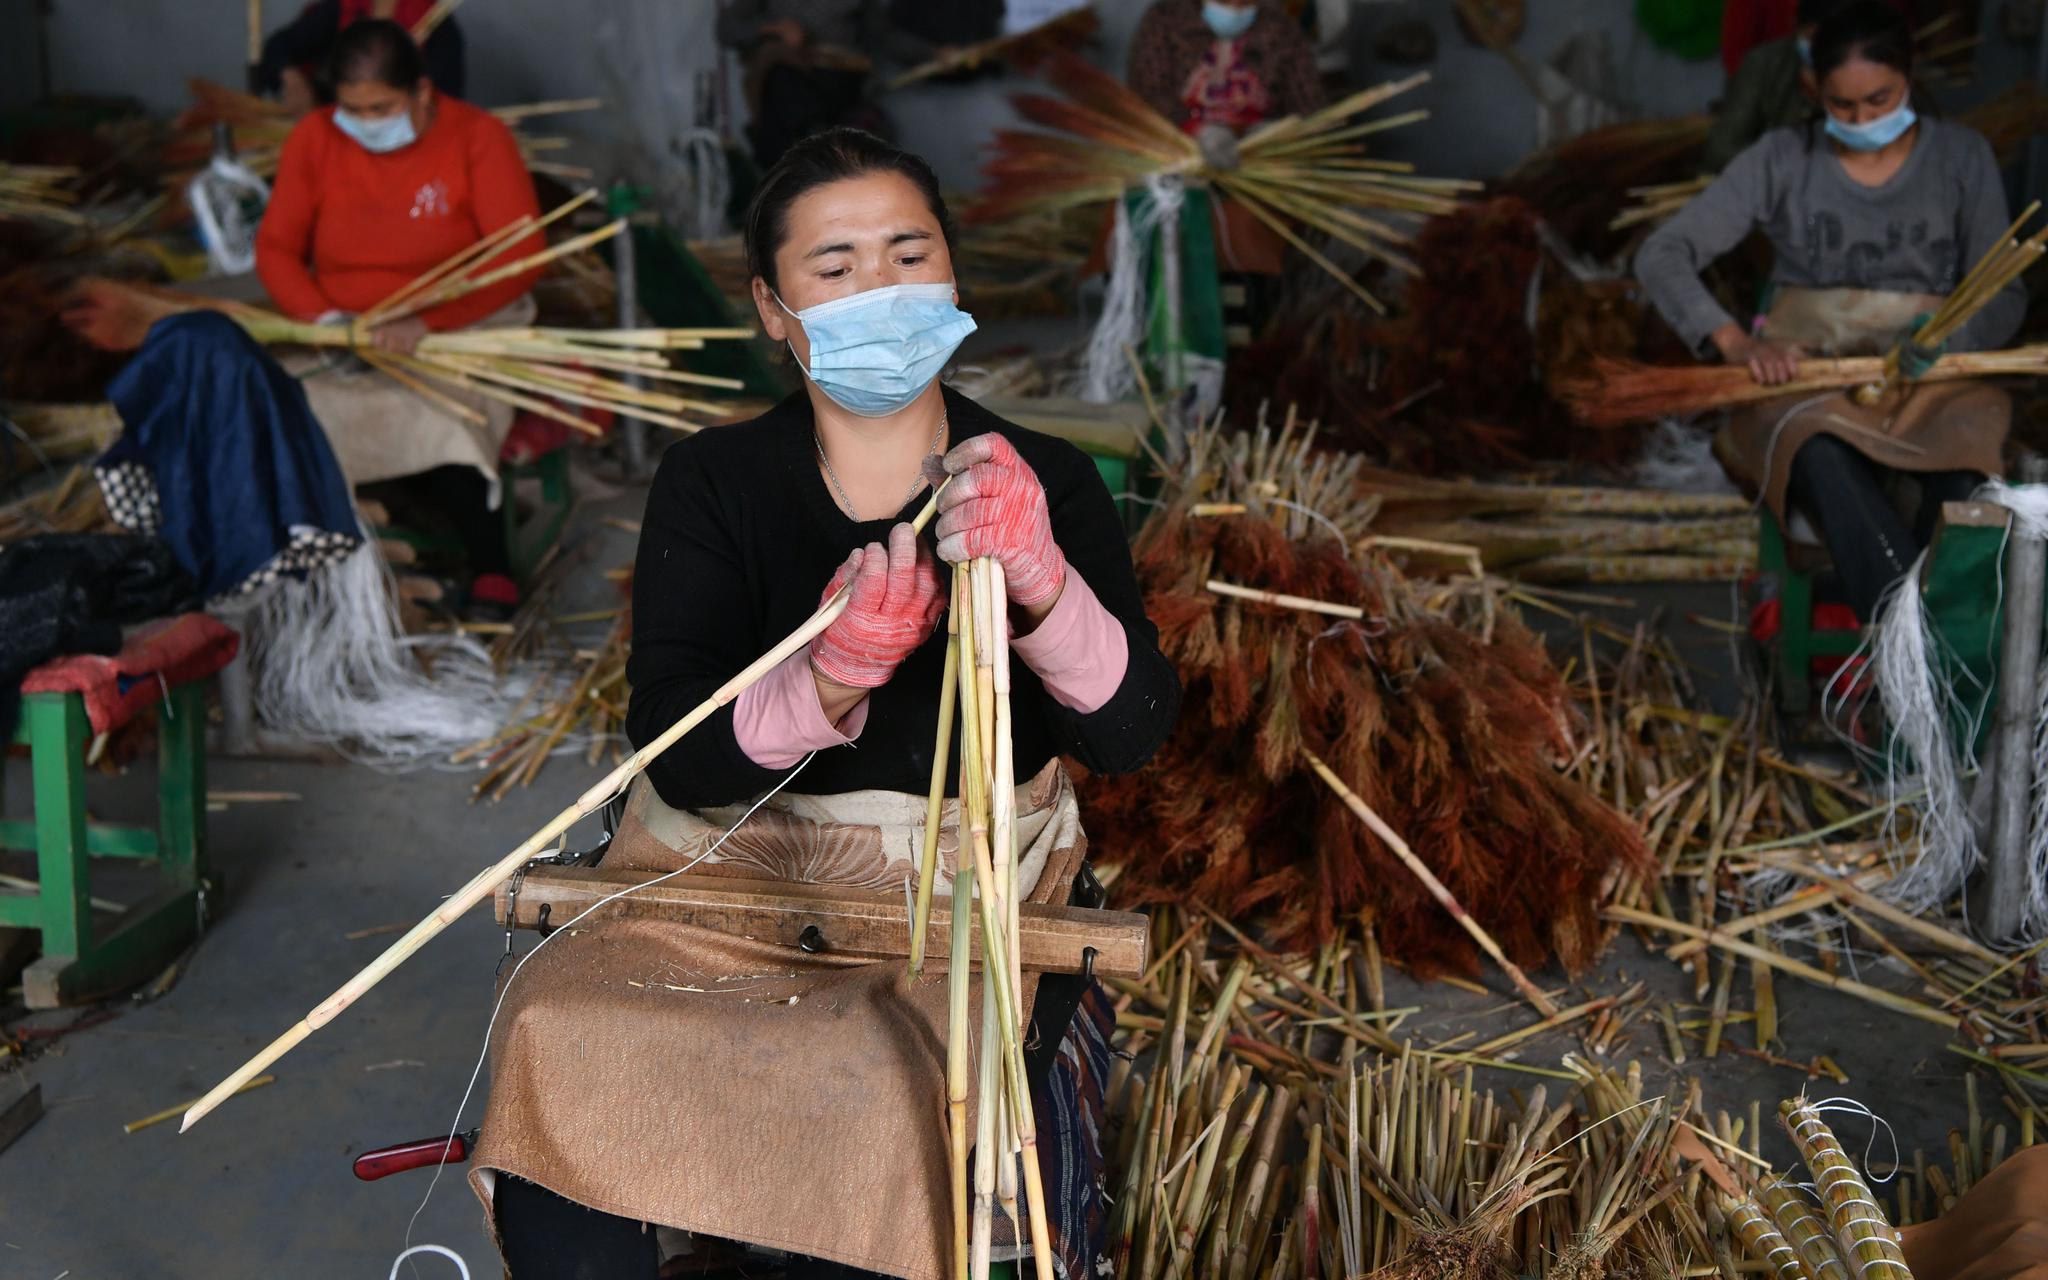 10月14日,在阿克萨拉依乡佳美扫把制作中央,维我尔族女工正在制作扫把。开心愉悦婷婷五月记者 吴江 摄